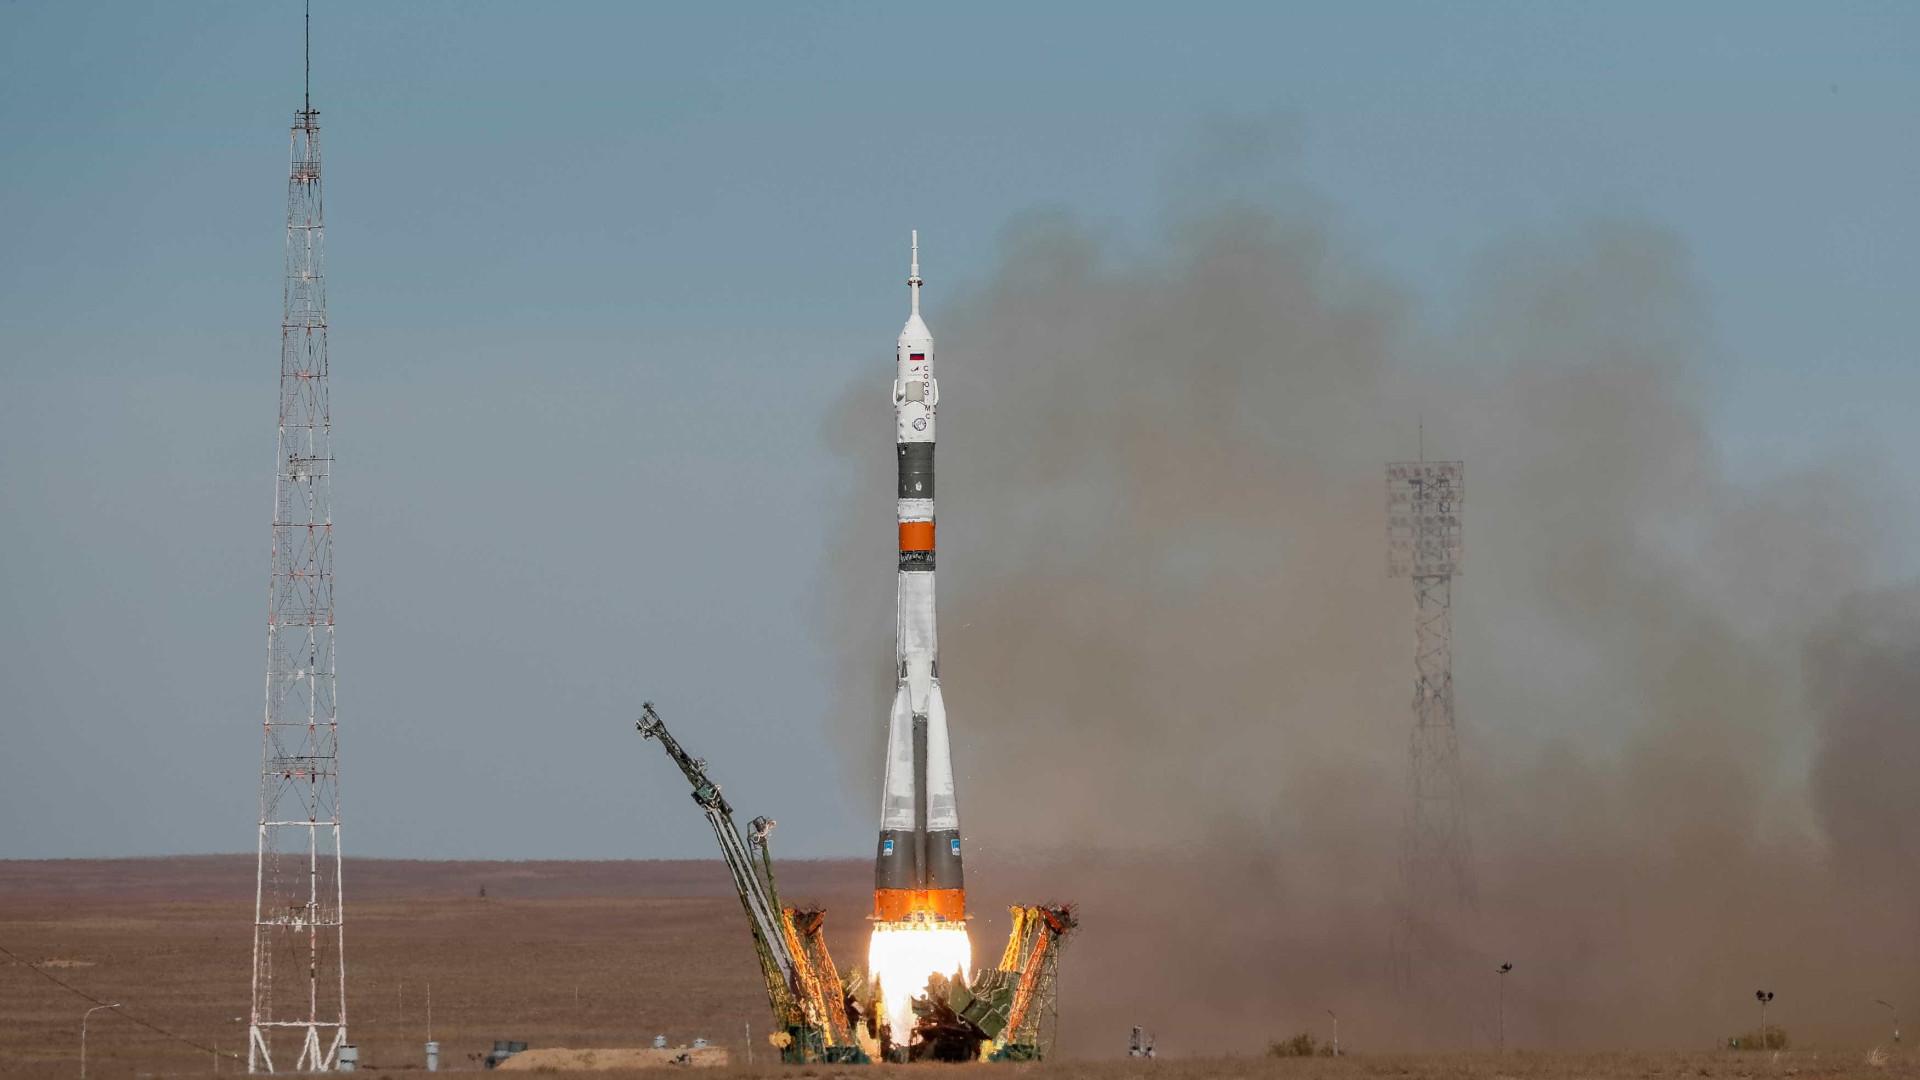 Nave espacial Soyuz falha em lançamento e faz pouso forçado